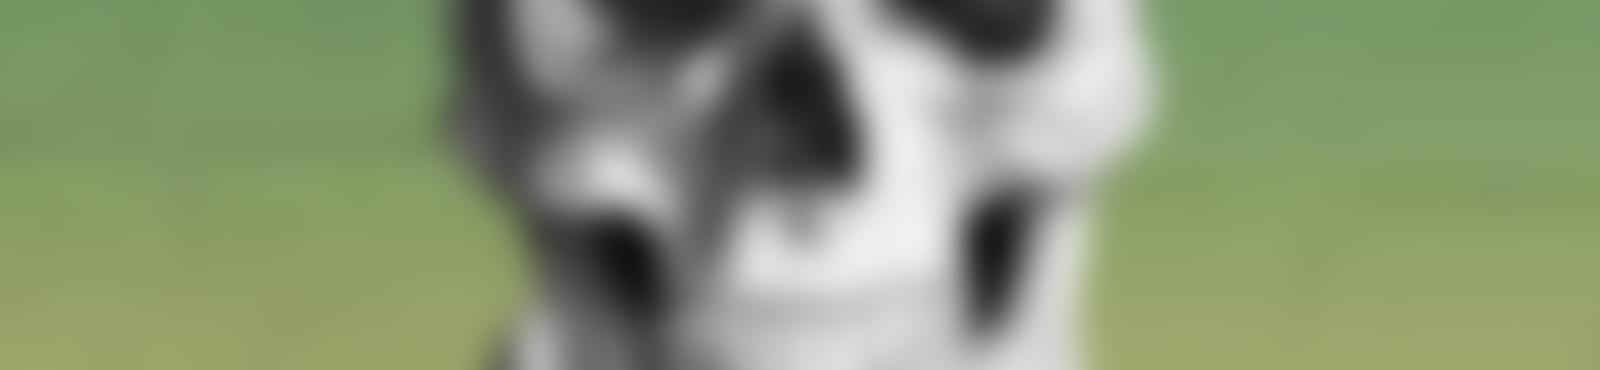 Blurred ddfaea0b 899d 4a03 9f8e a0a7e030dcf9